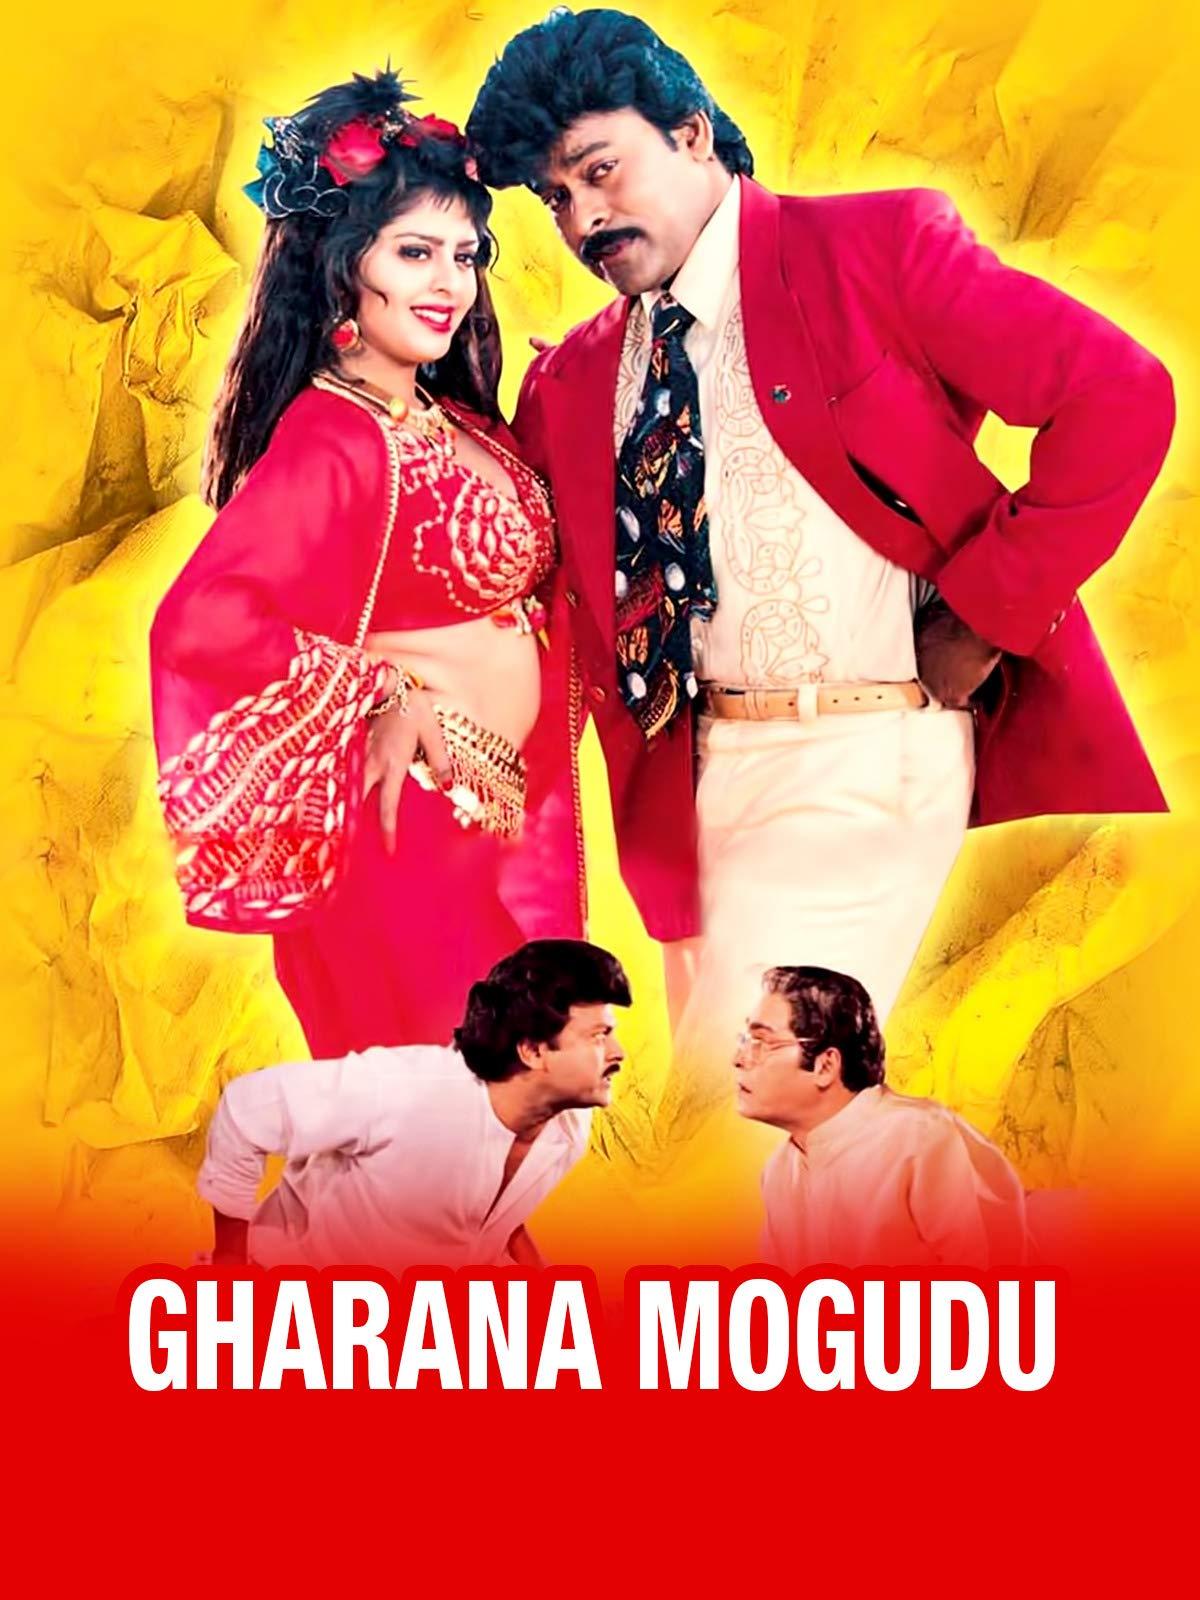 Gharana Mogudu